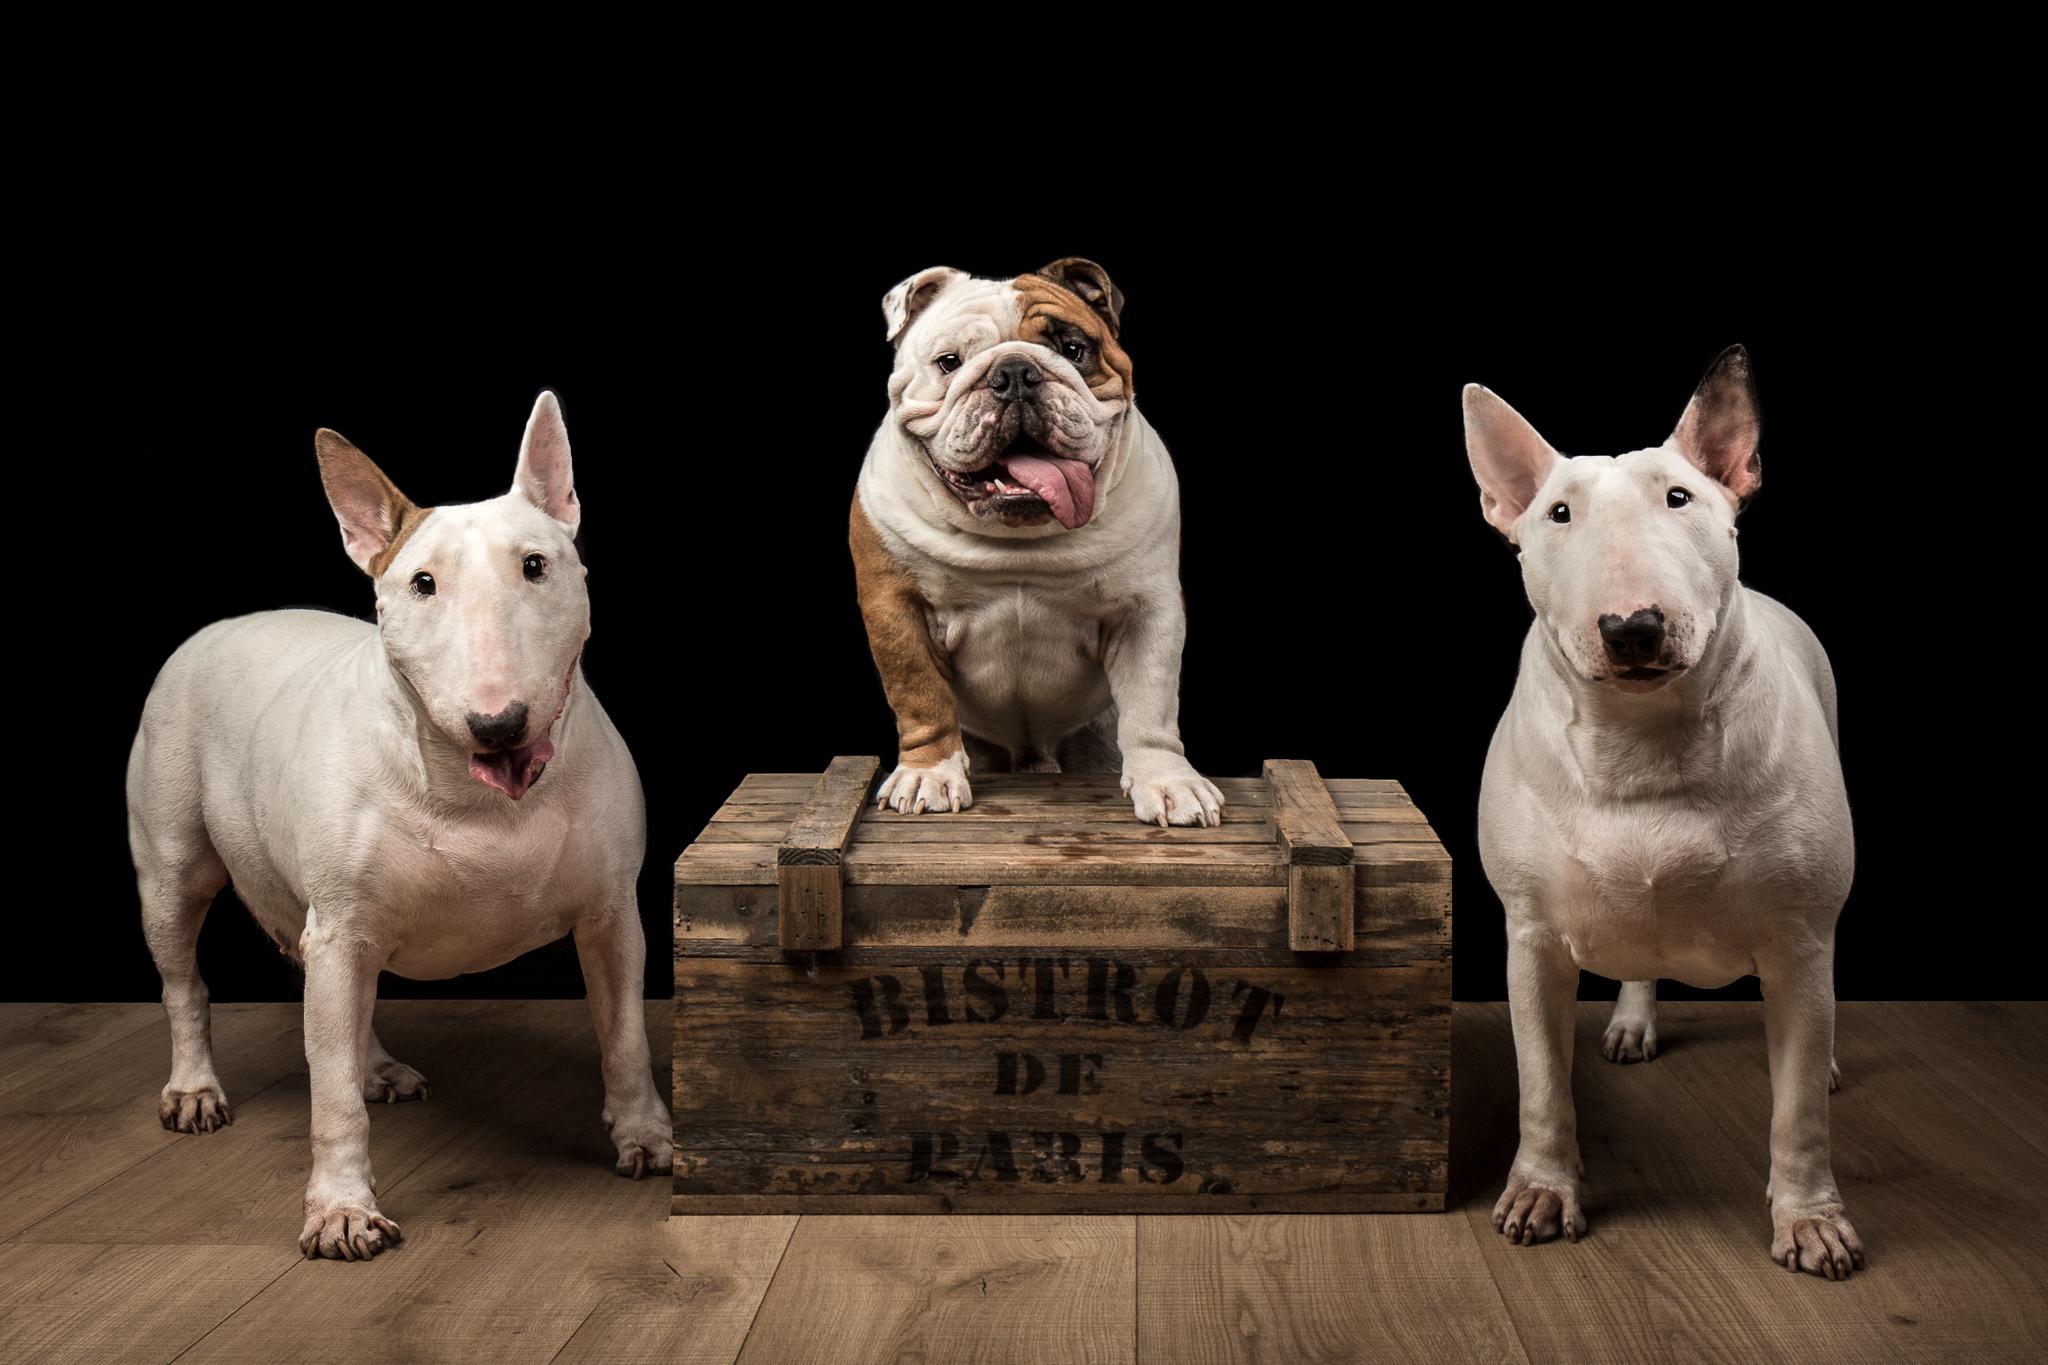 Gemma, Nino et Tia, bull terriers et bouledogues anglais, au studio sur fond noir